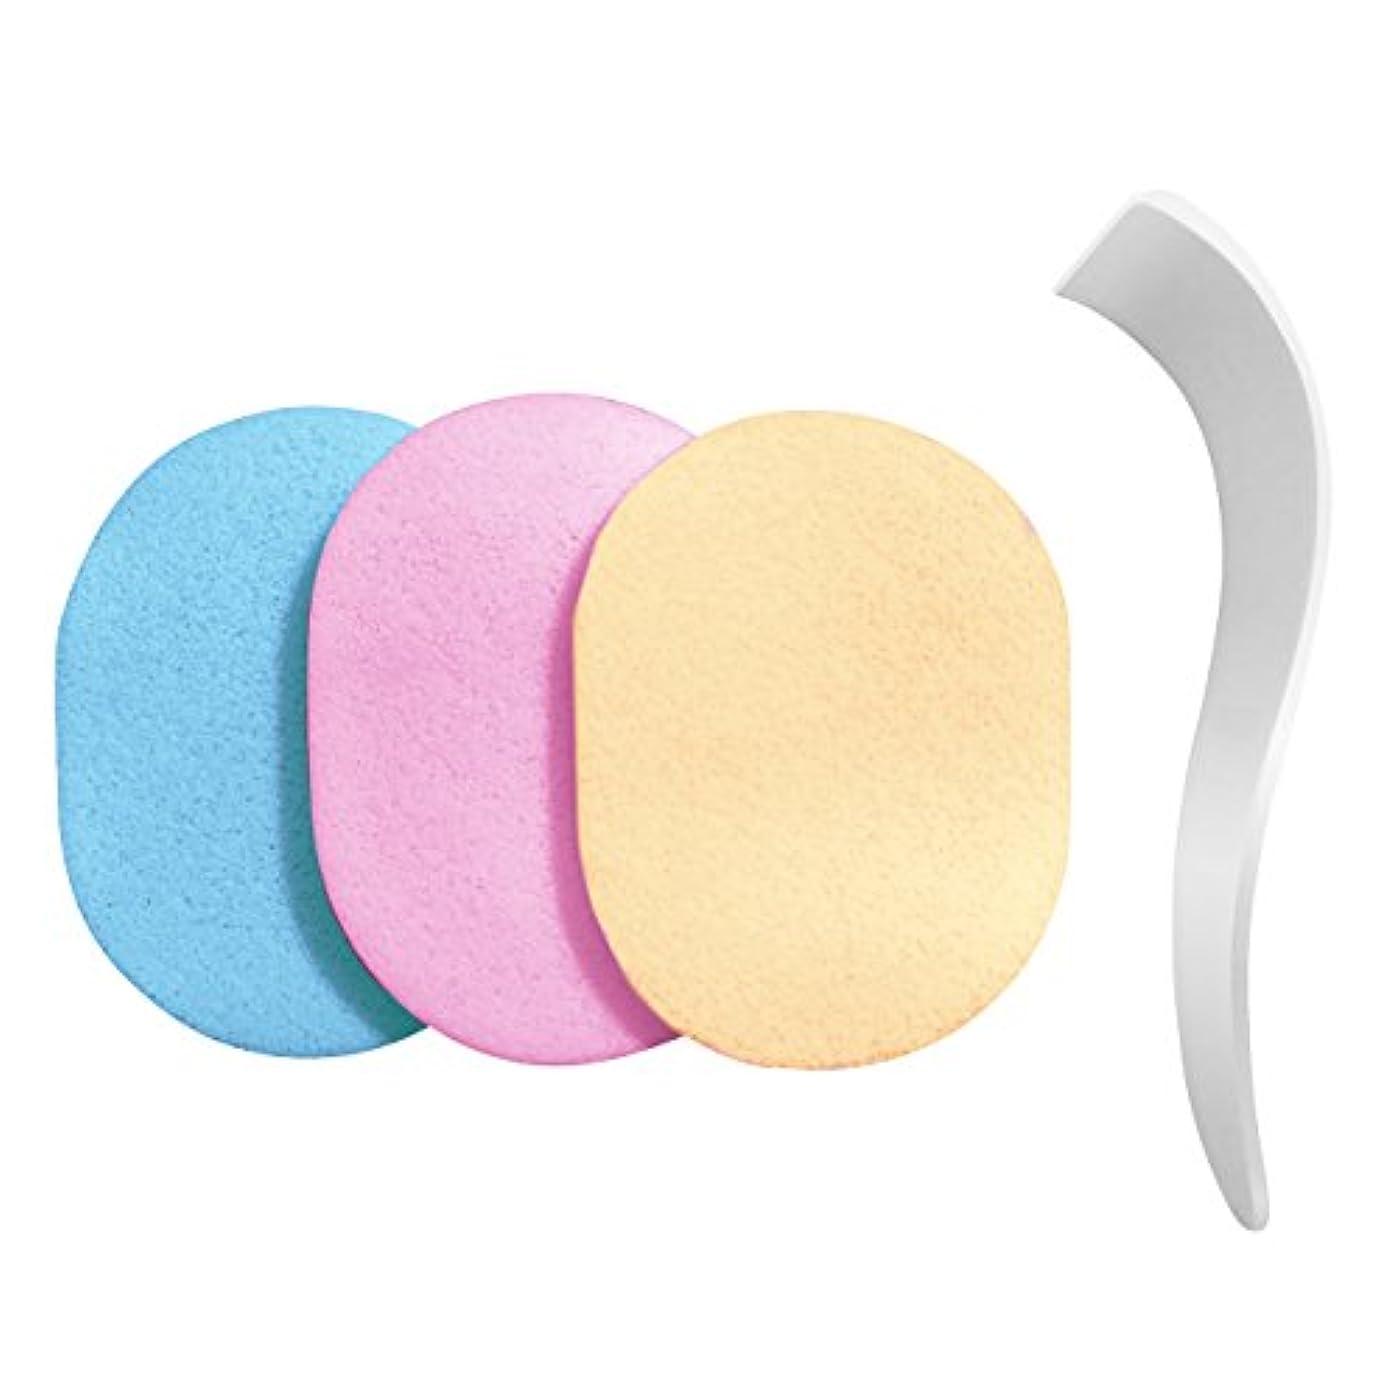 中性アクセントチューインガム【除毛用】s-fit 専用ヘラ スポンジ 洗って使える 3色セット 100%PVA 除毛クリーム専用 メンズ レディース